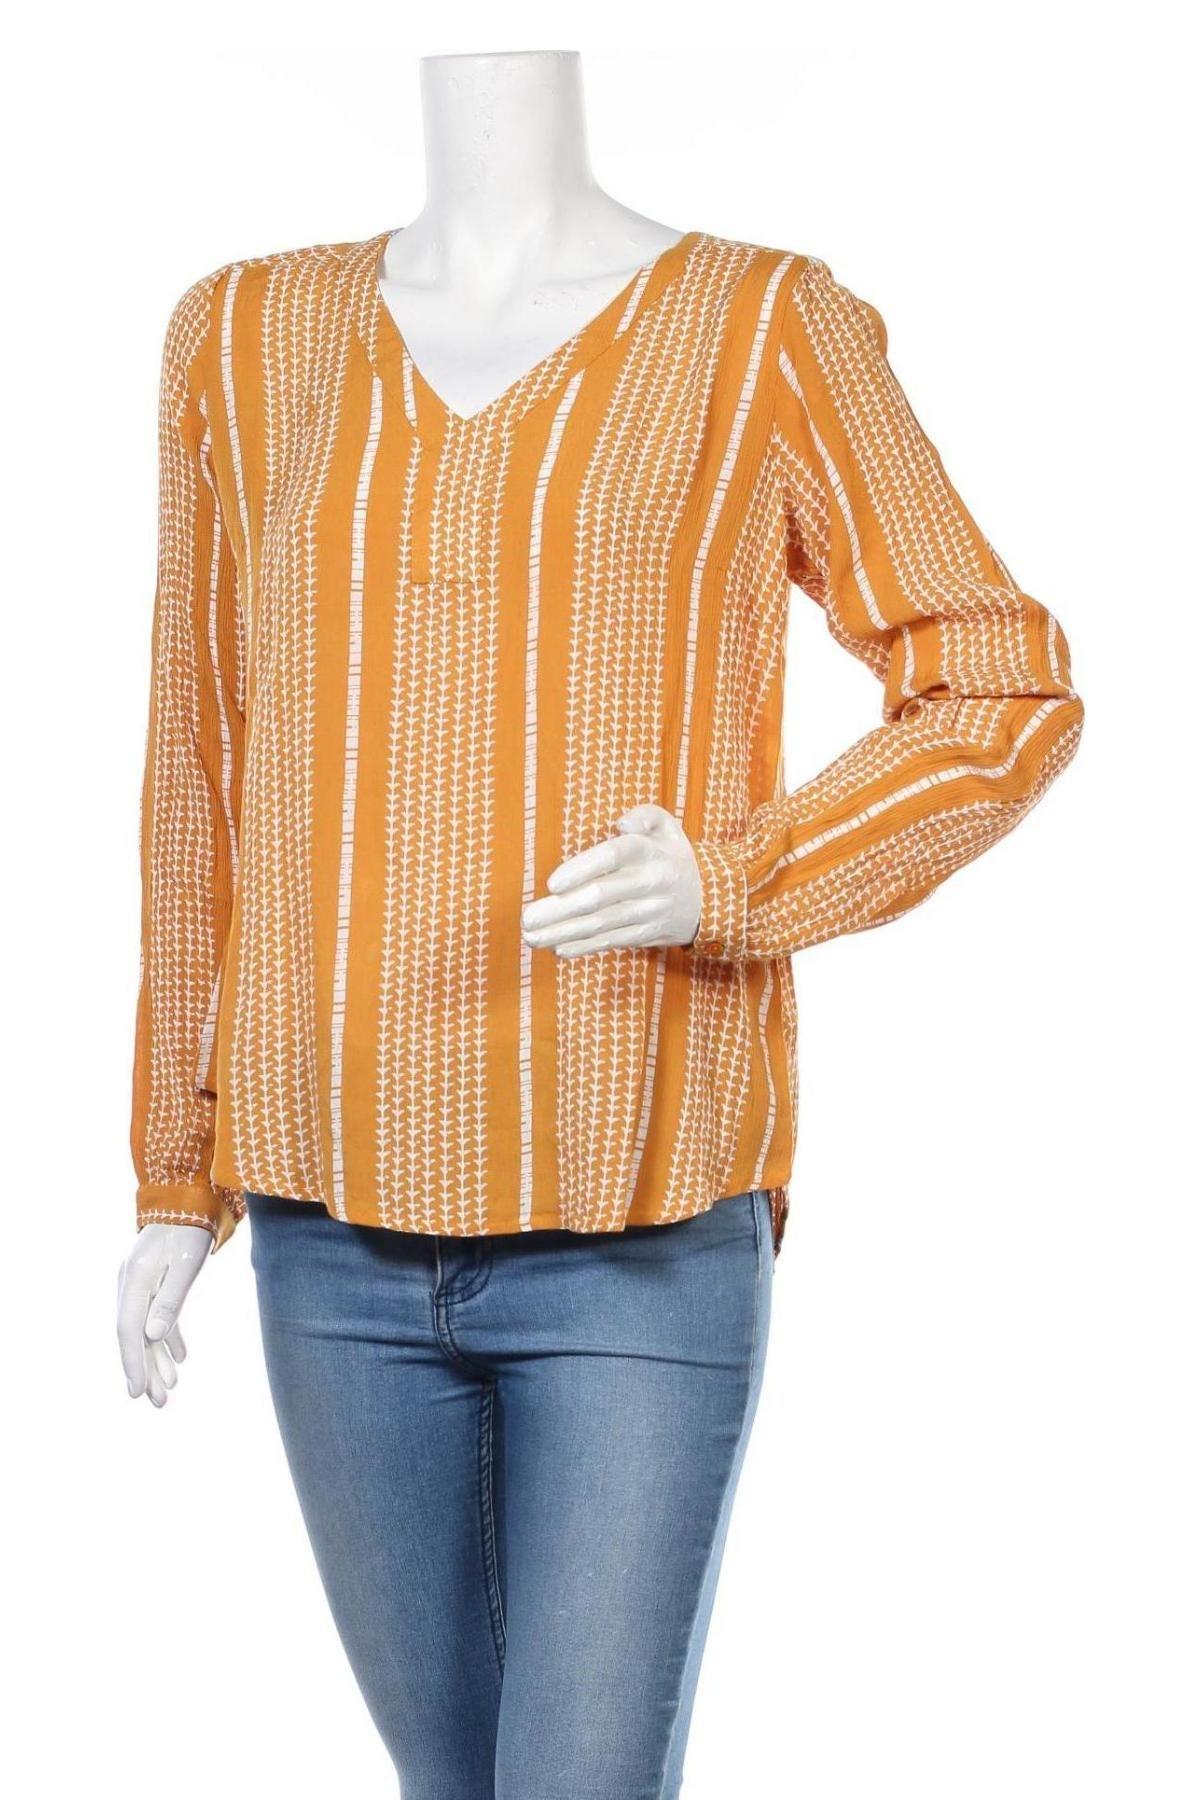 Γυναικεία μπλούζα Kaffe, Μέγεθος S, Χρώμα Κίτρινο, Βισκόζη, Τιμή 6,28€